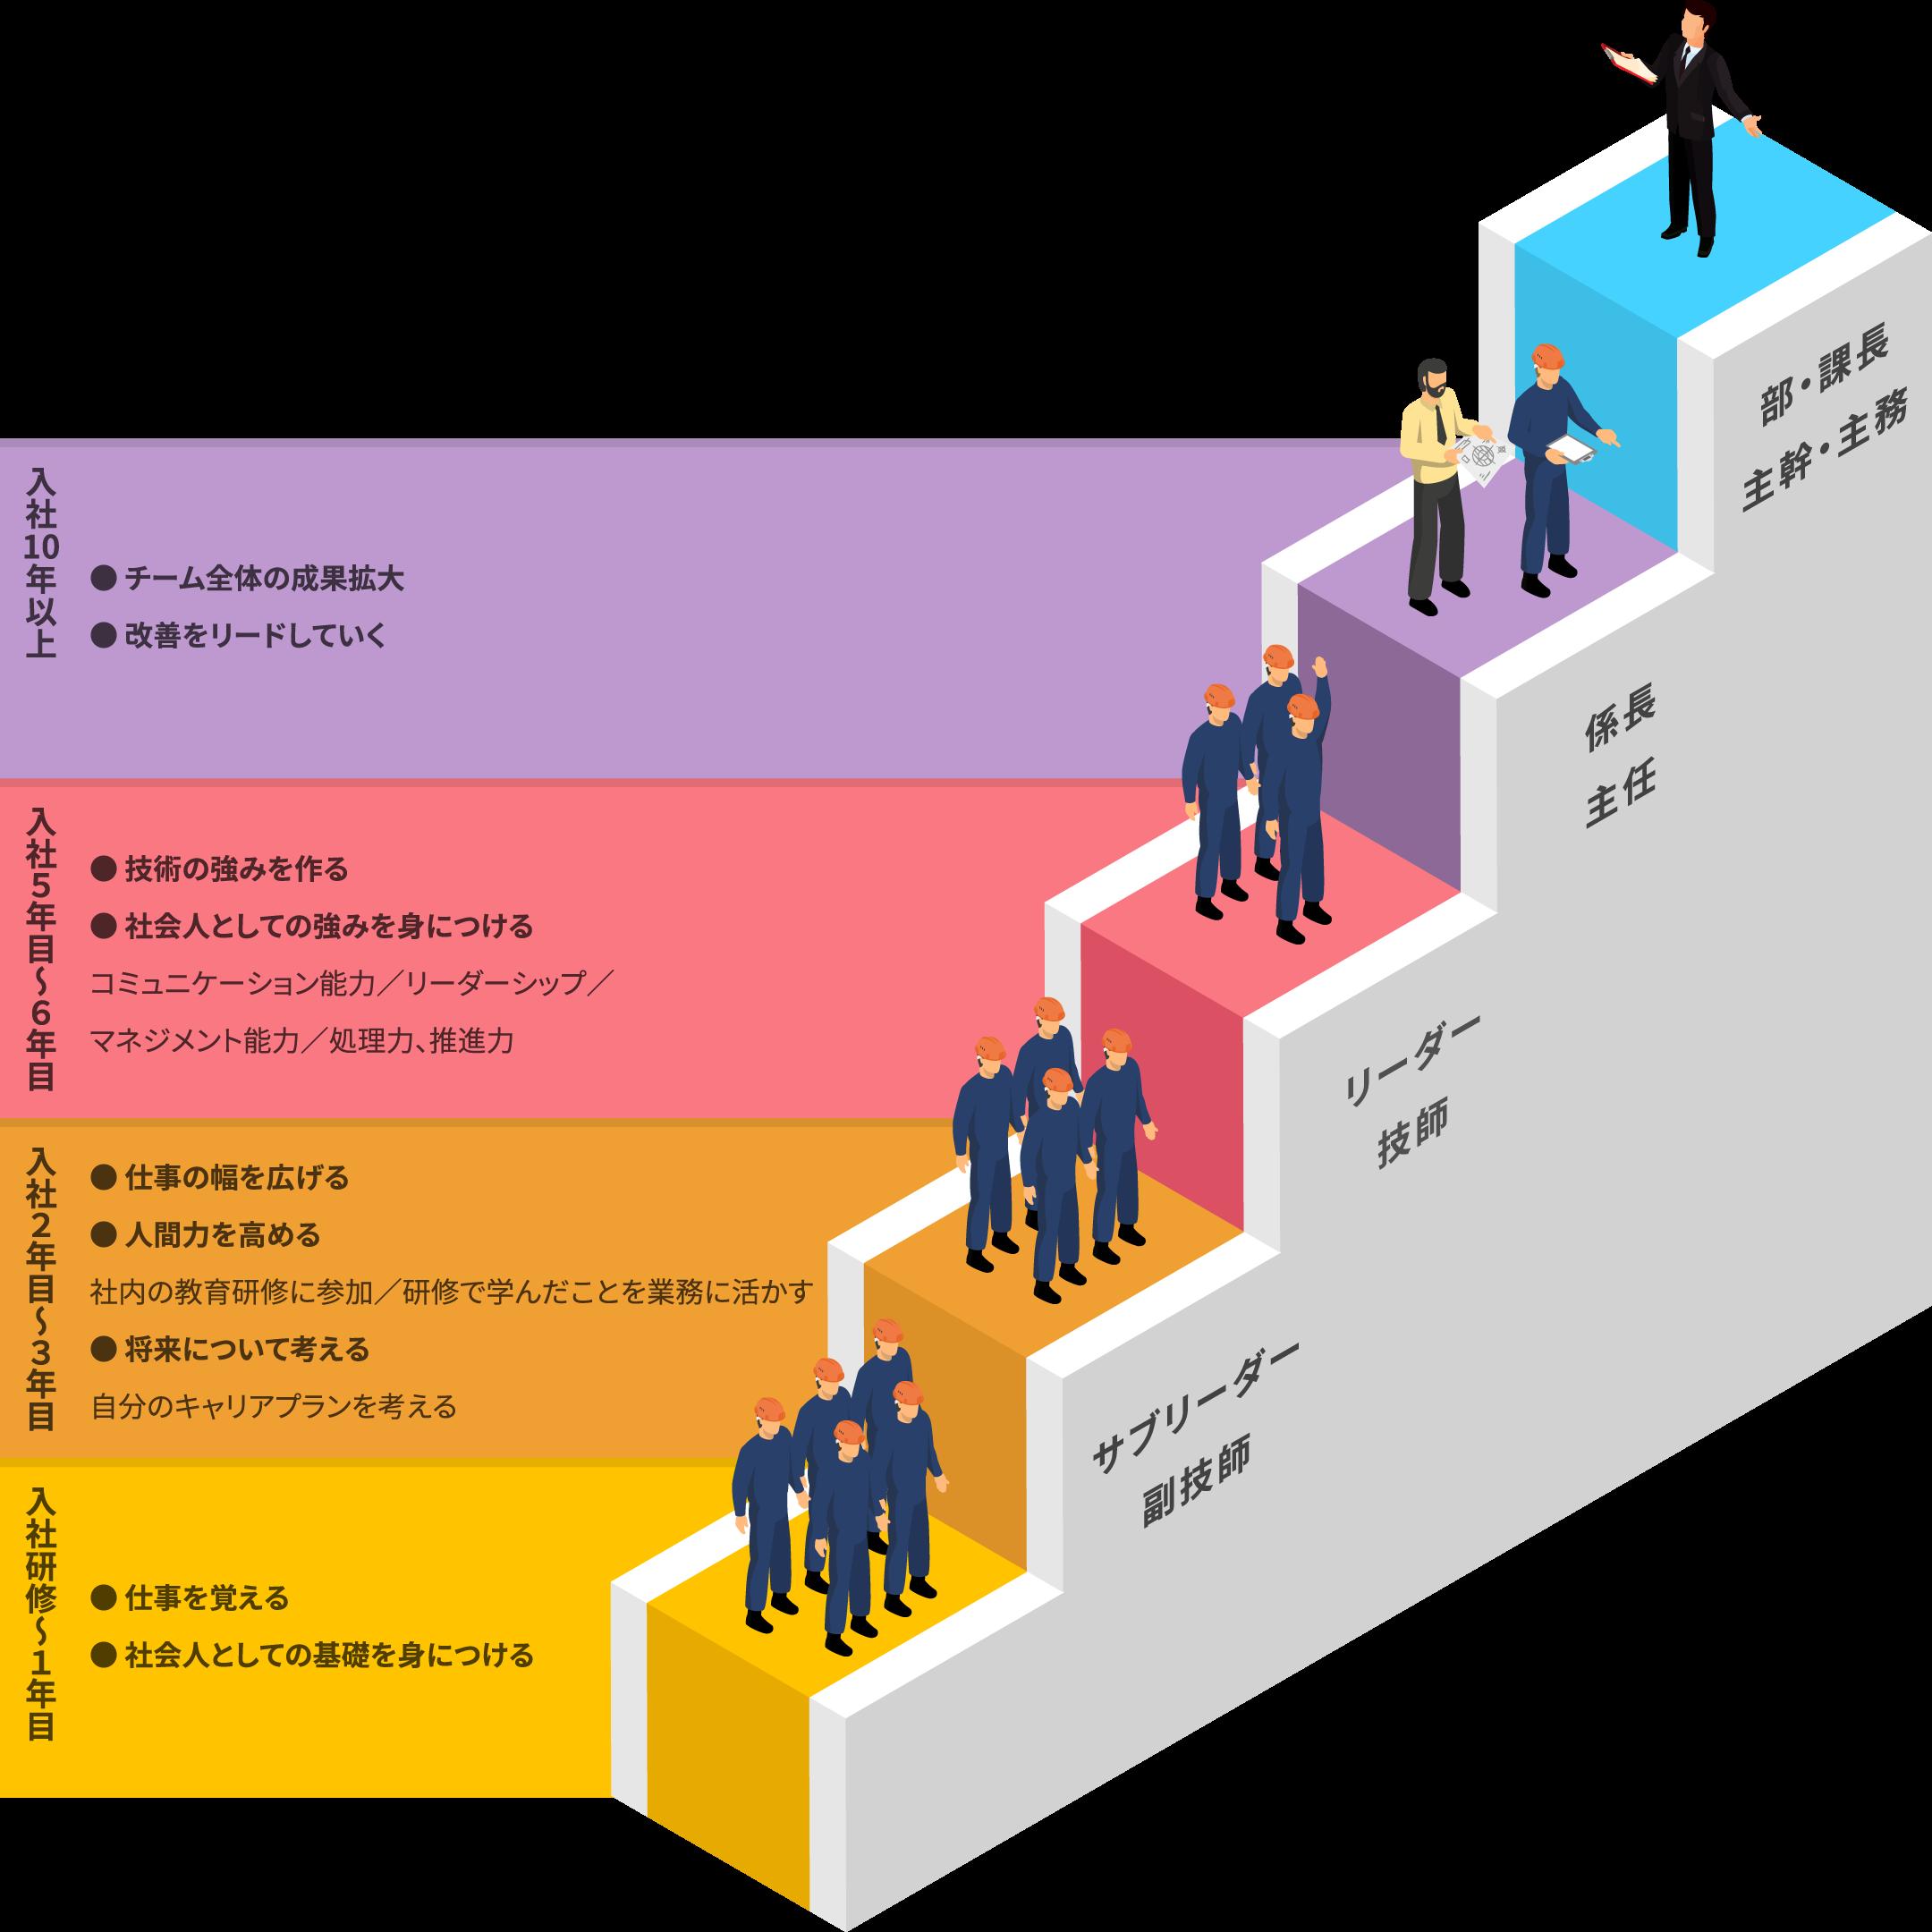 入社1年から10年以上、階段図